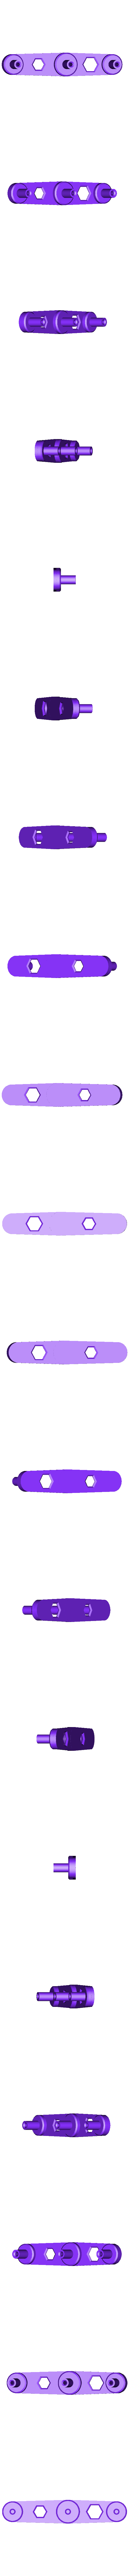 gear_test_bottom2.stl Télécharger fichier STL gratuit Engrenages imprimés 3D • Modèle à imprimer en 3D, marigu